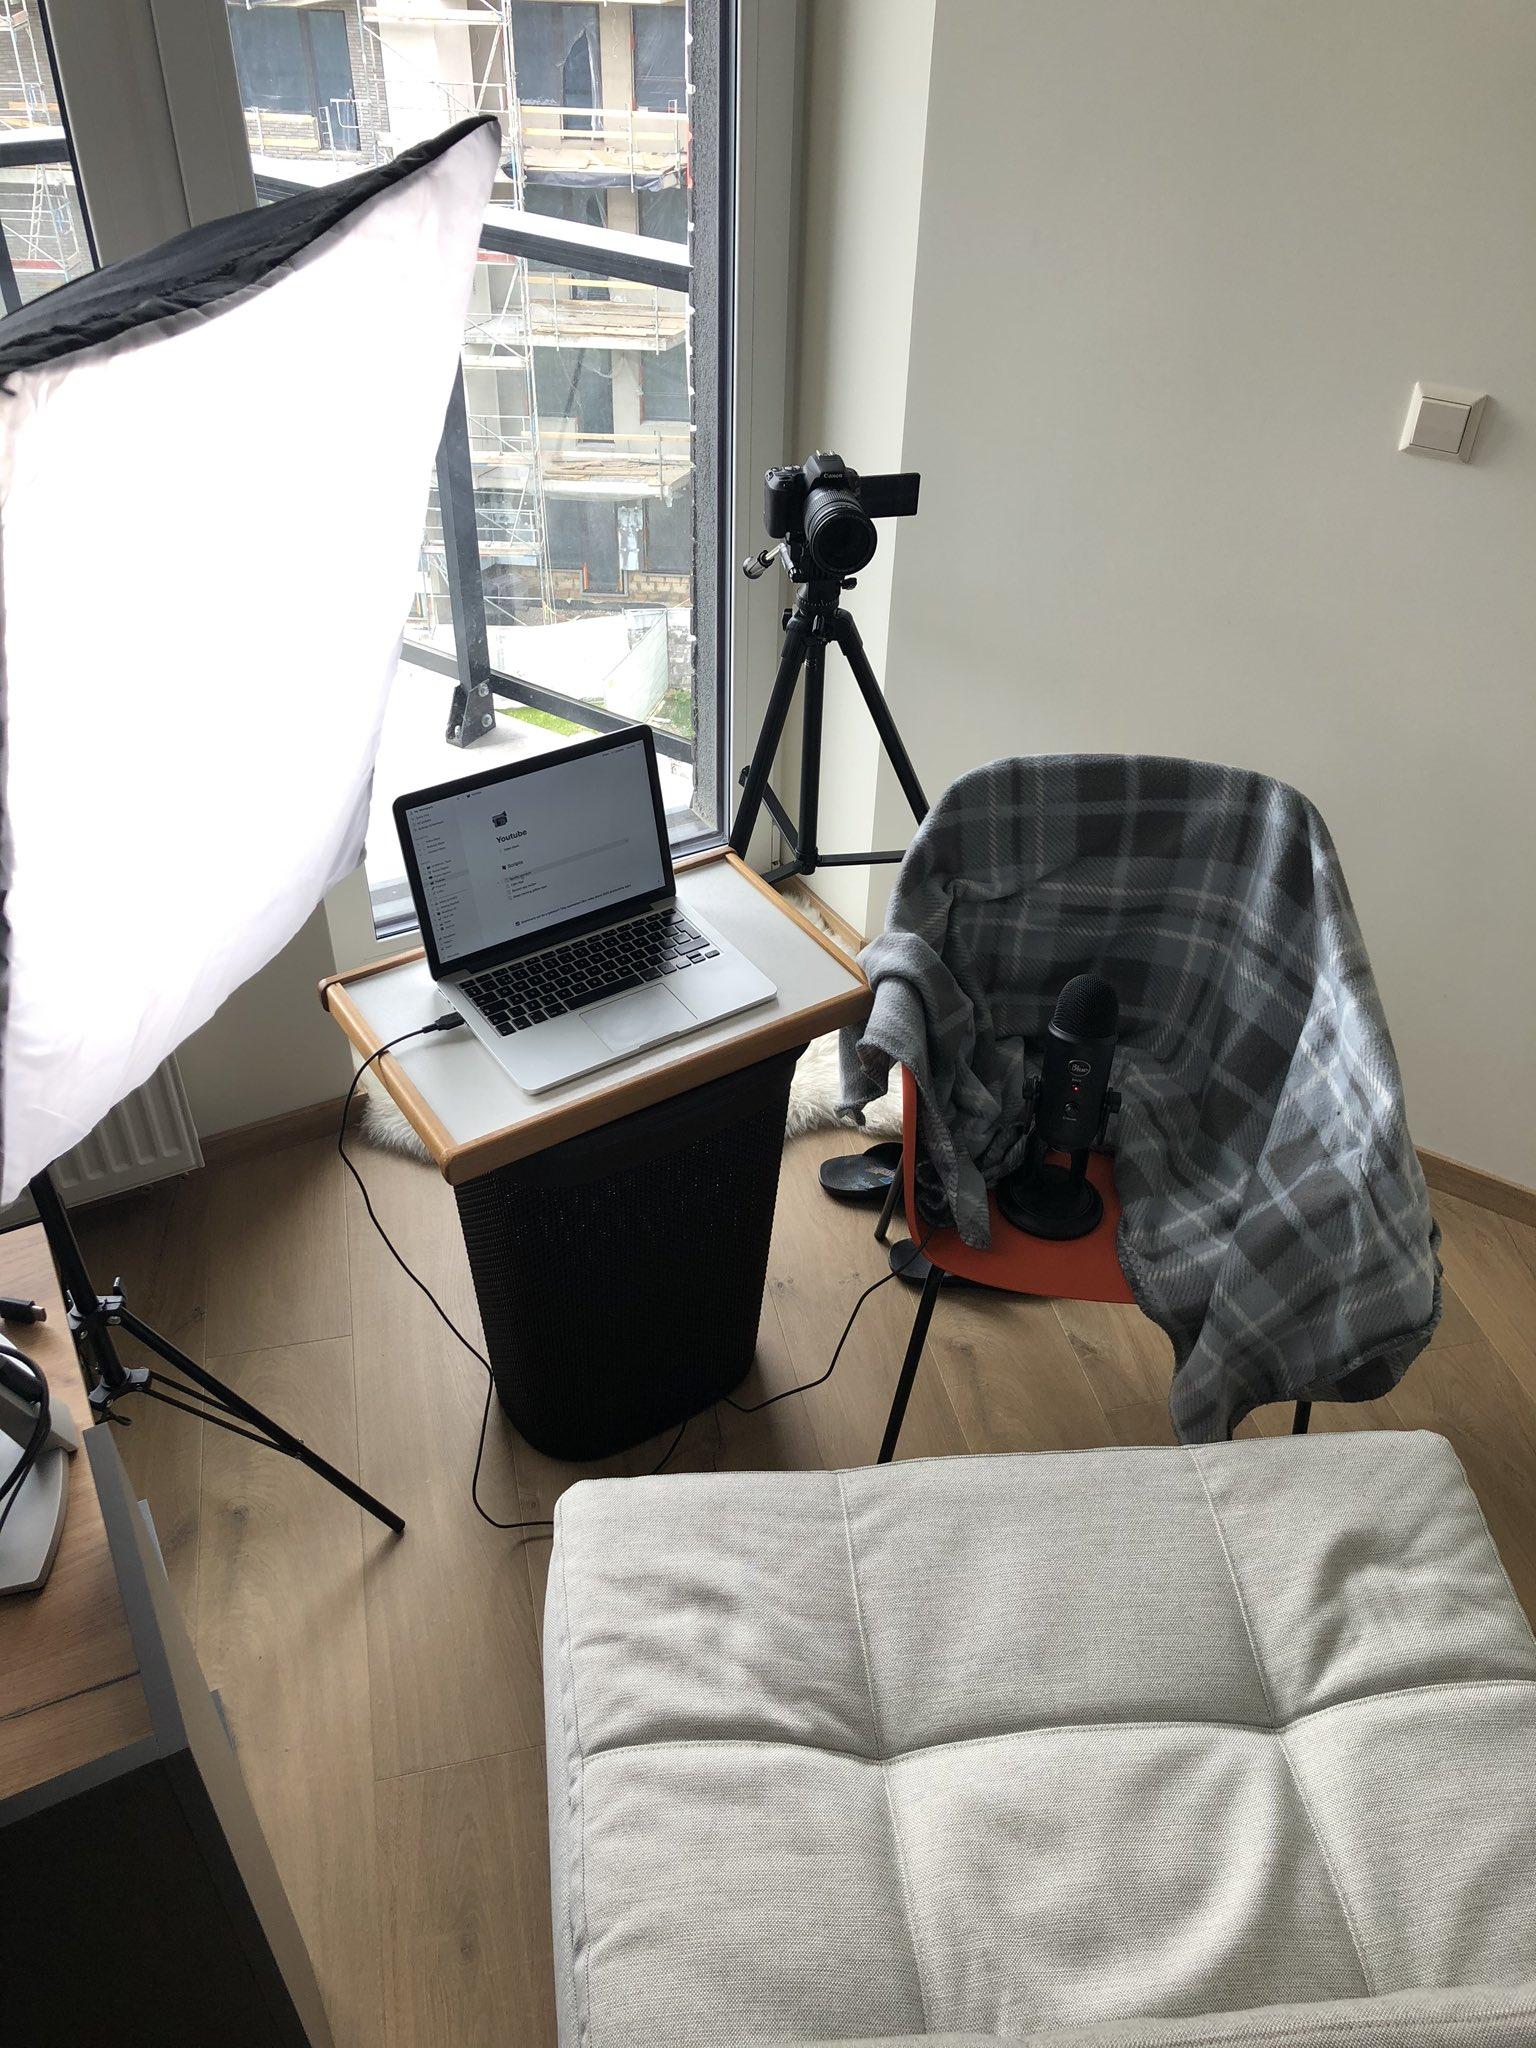 Youtube set-up